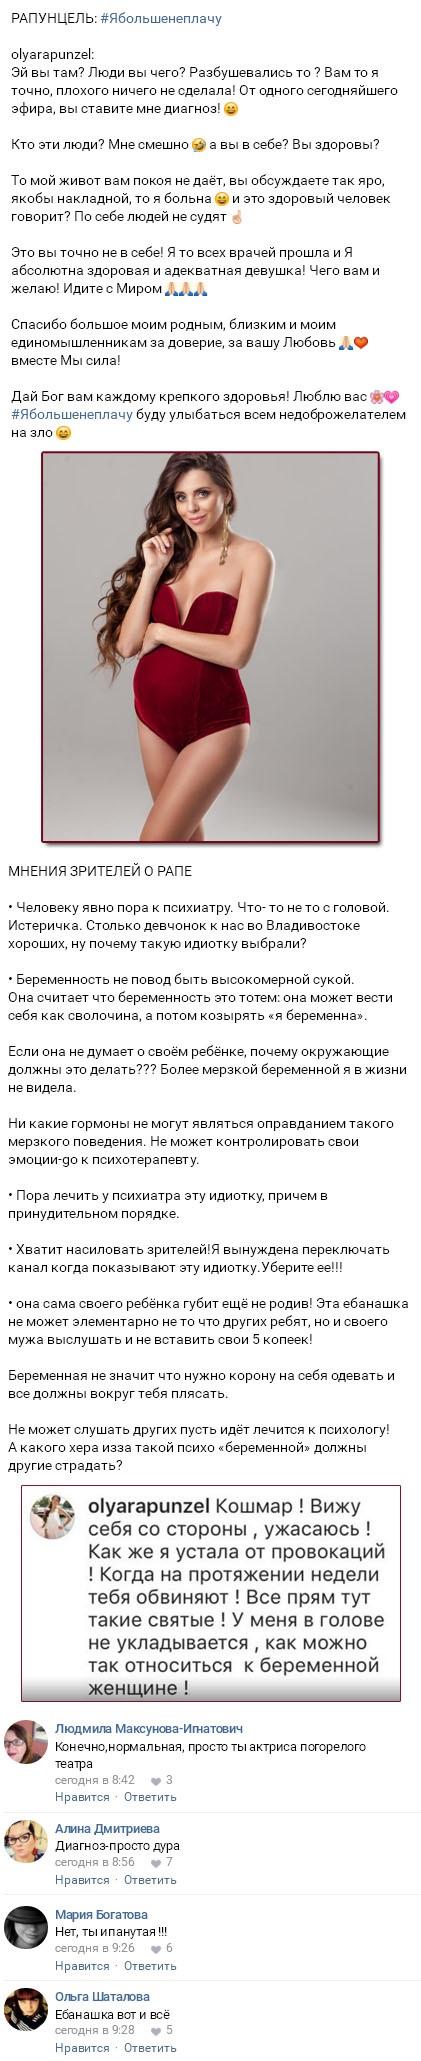 Ольга Рапунцель опровергает все диагнозы которые поставили ей телезрители